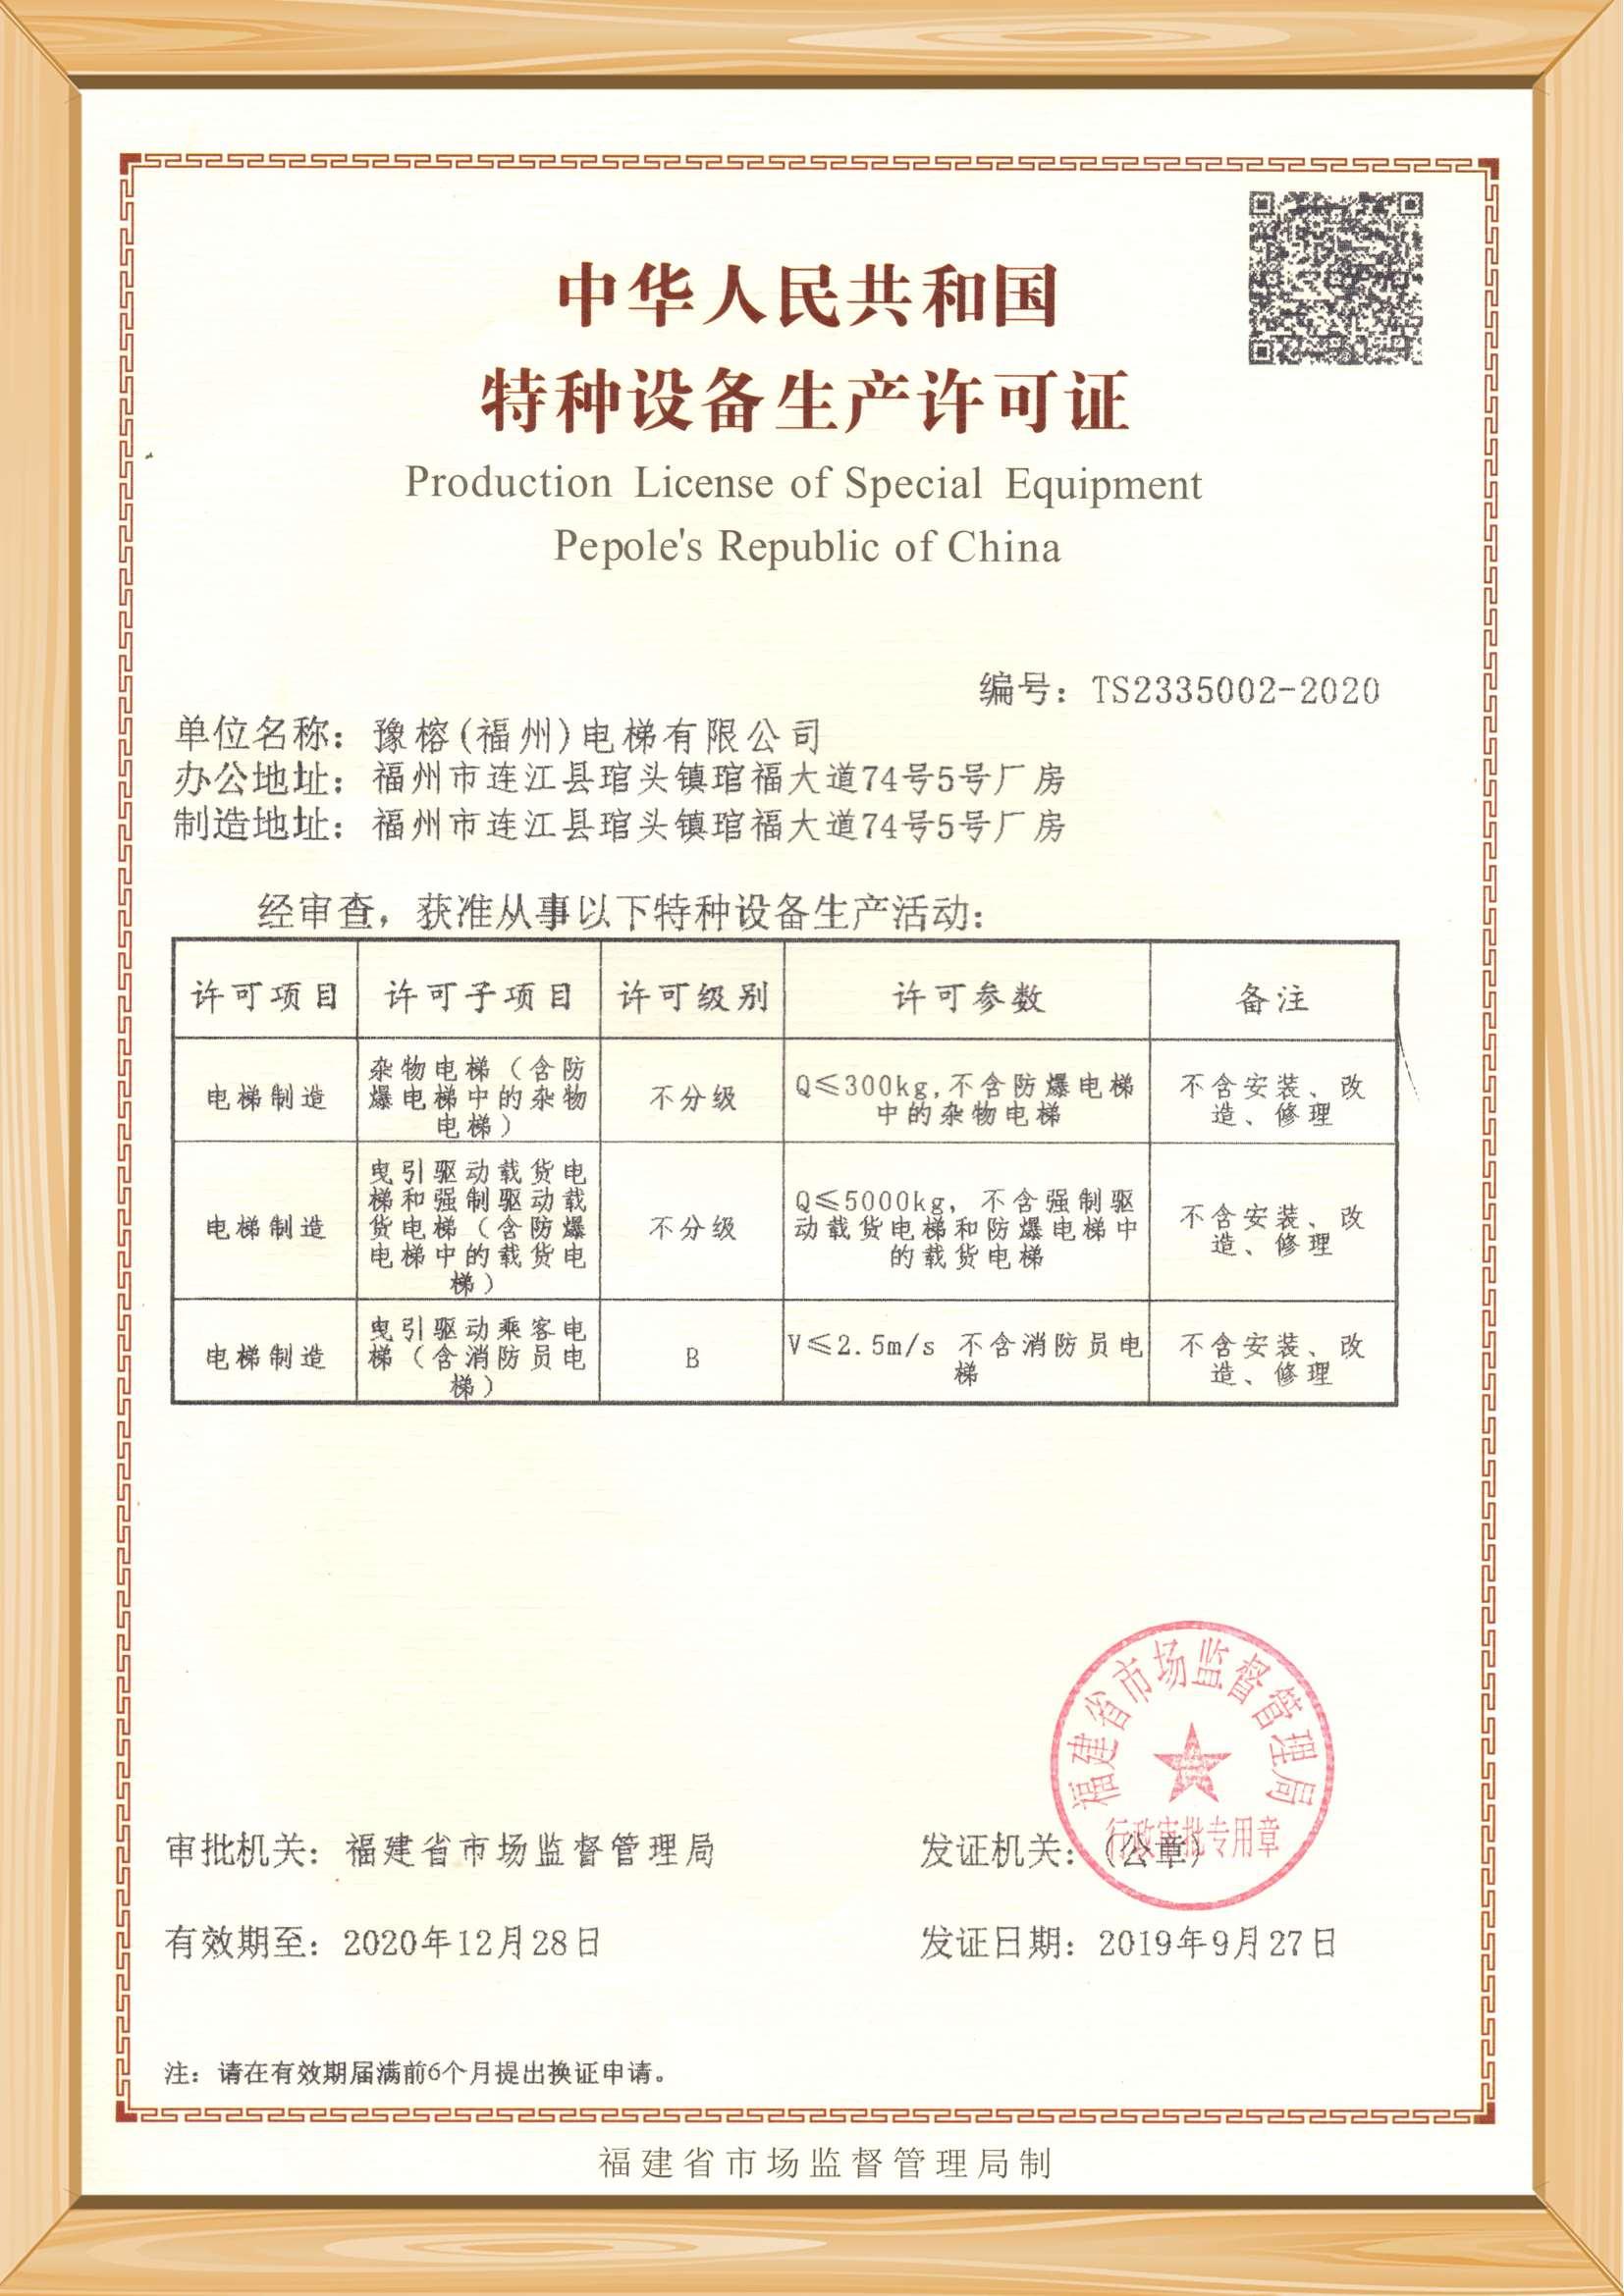 特种设备生产证